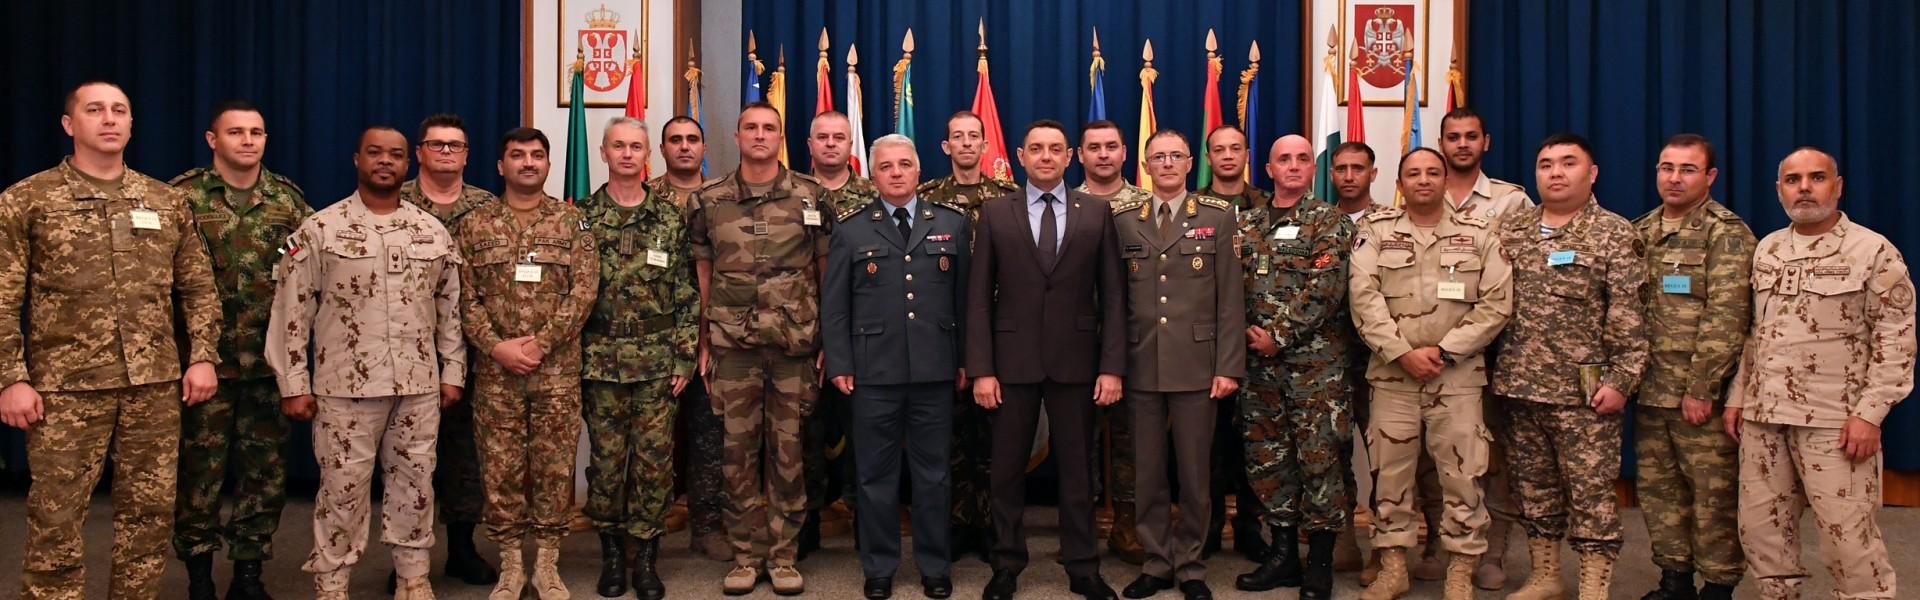 Министар Вулин и генерал Мојсиловић са учесницима вежбе REGEX 2018